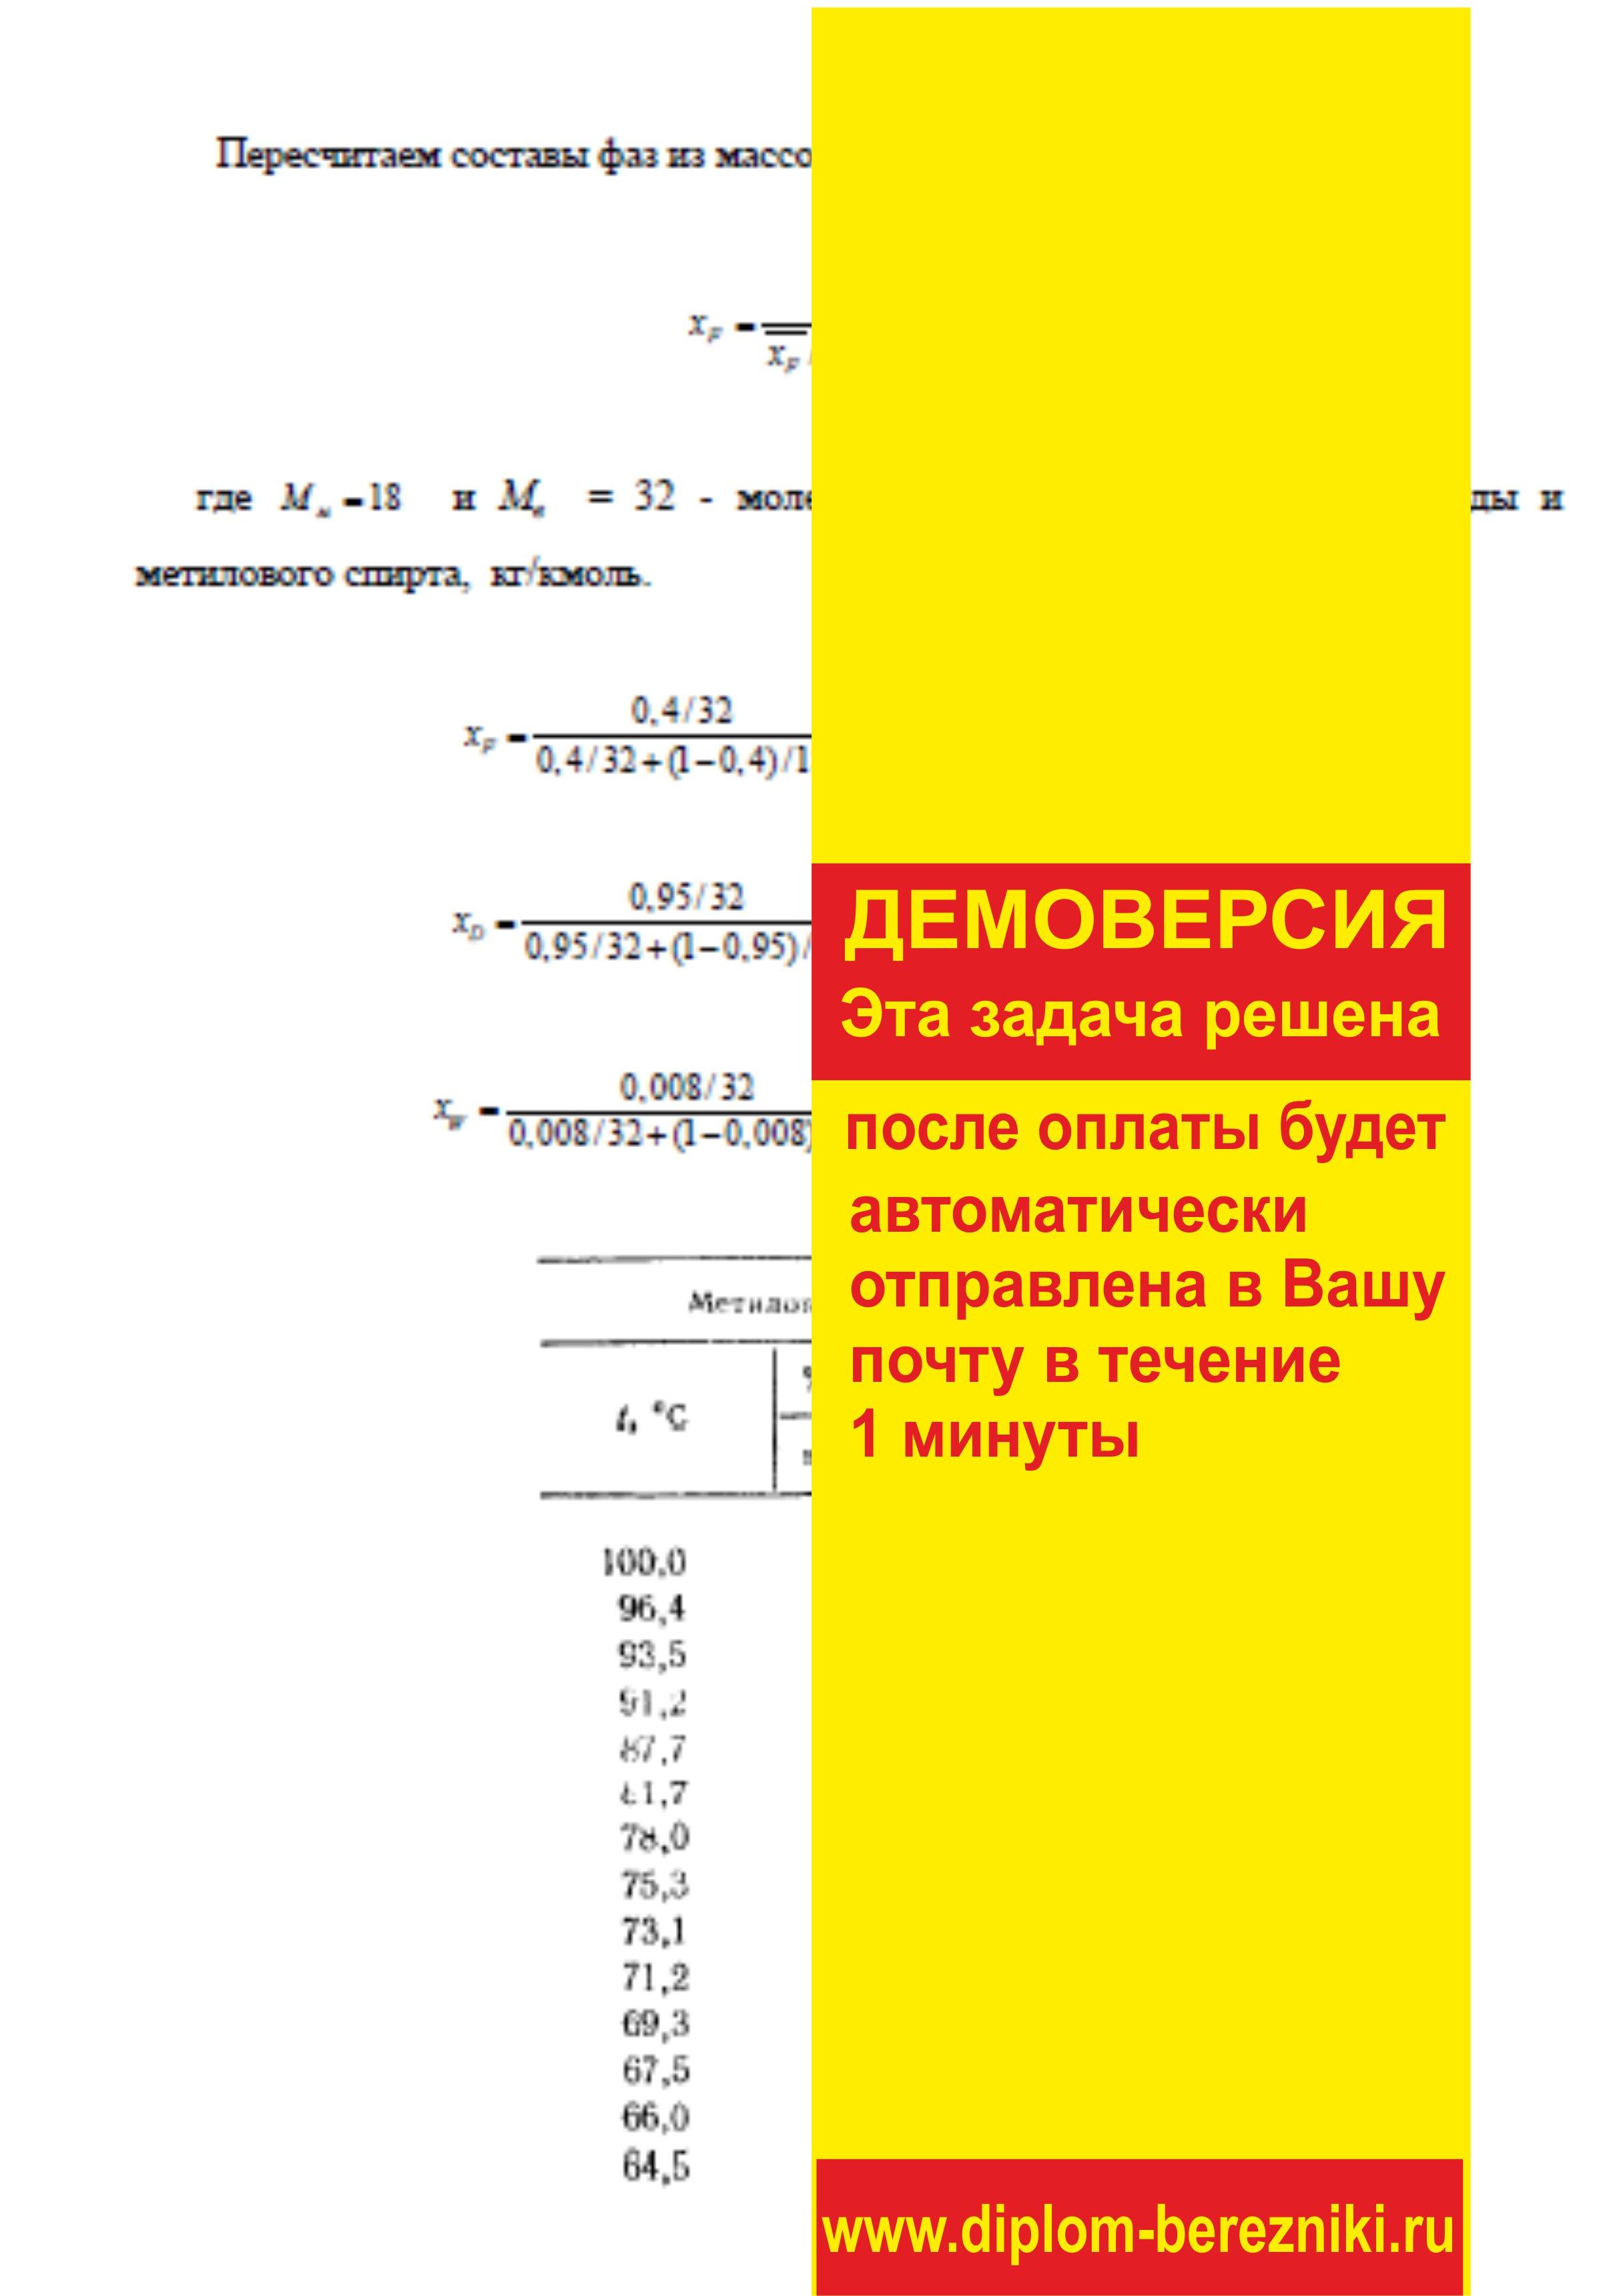 Решение задачи 7.28 по ПАХТ из задачника Павлова Романкова Носкова